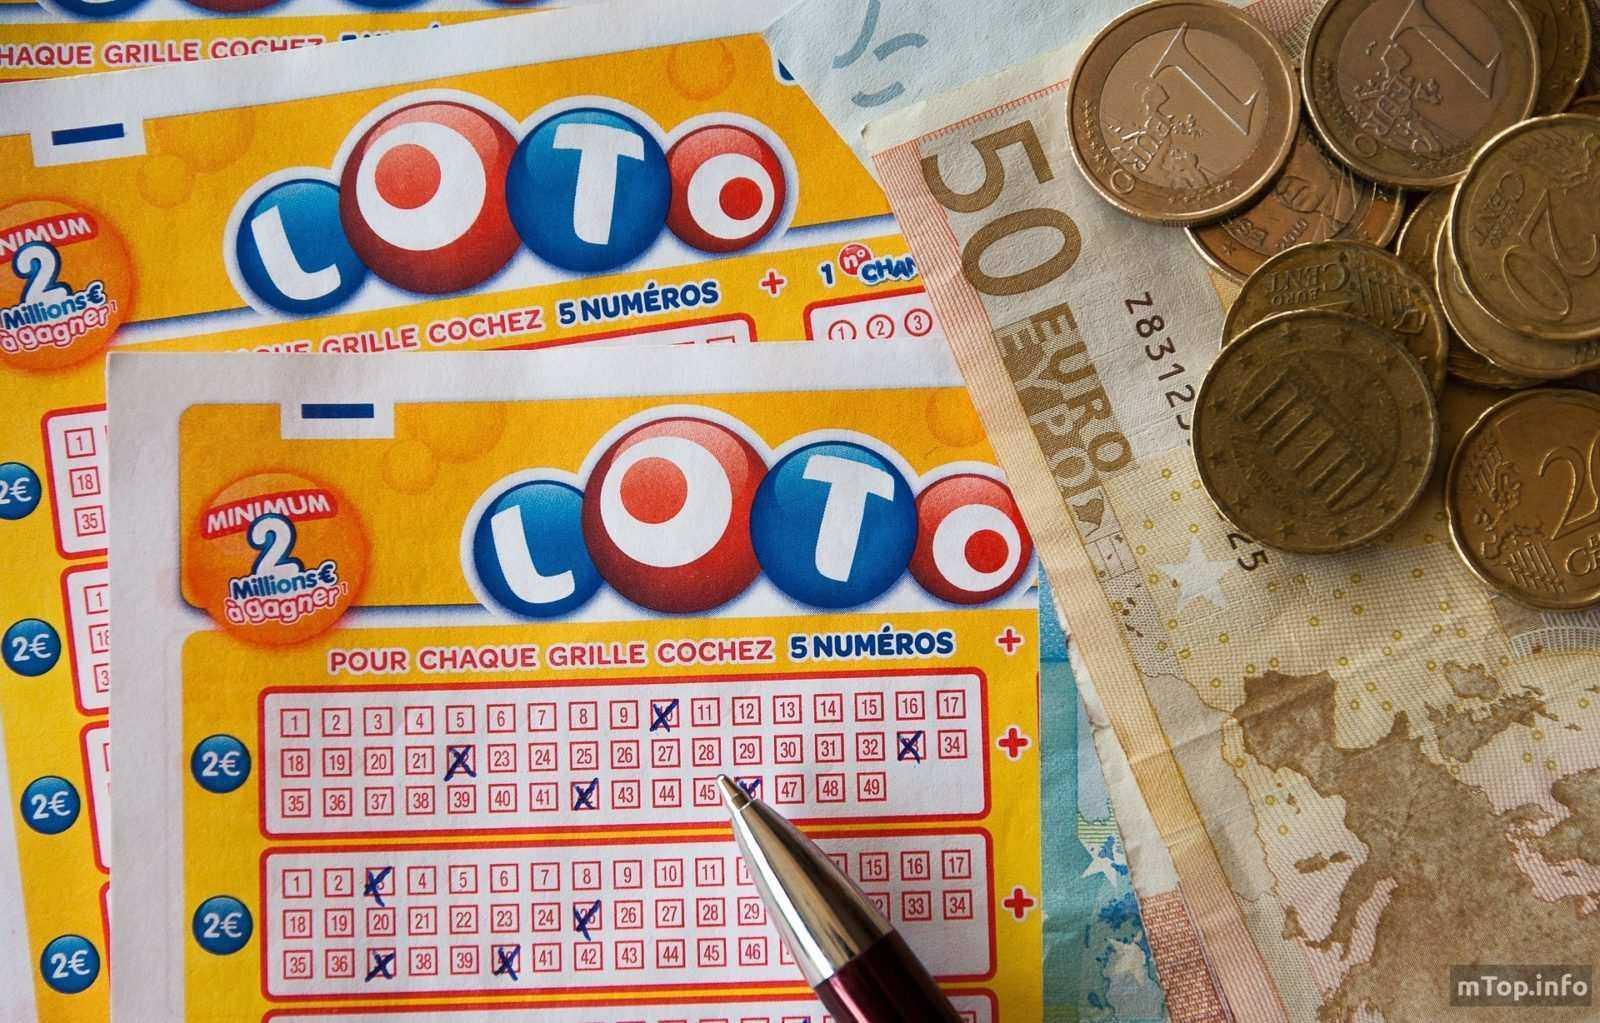 Субботняя лотерея австралии - tattslotto. общие свведения, правила и т.д.